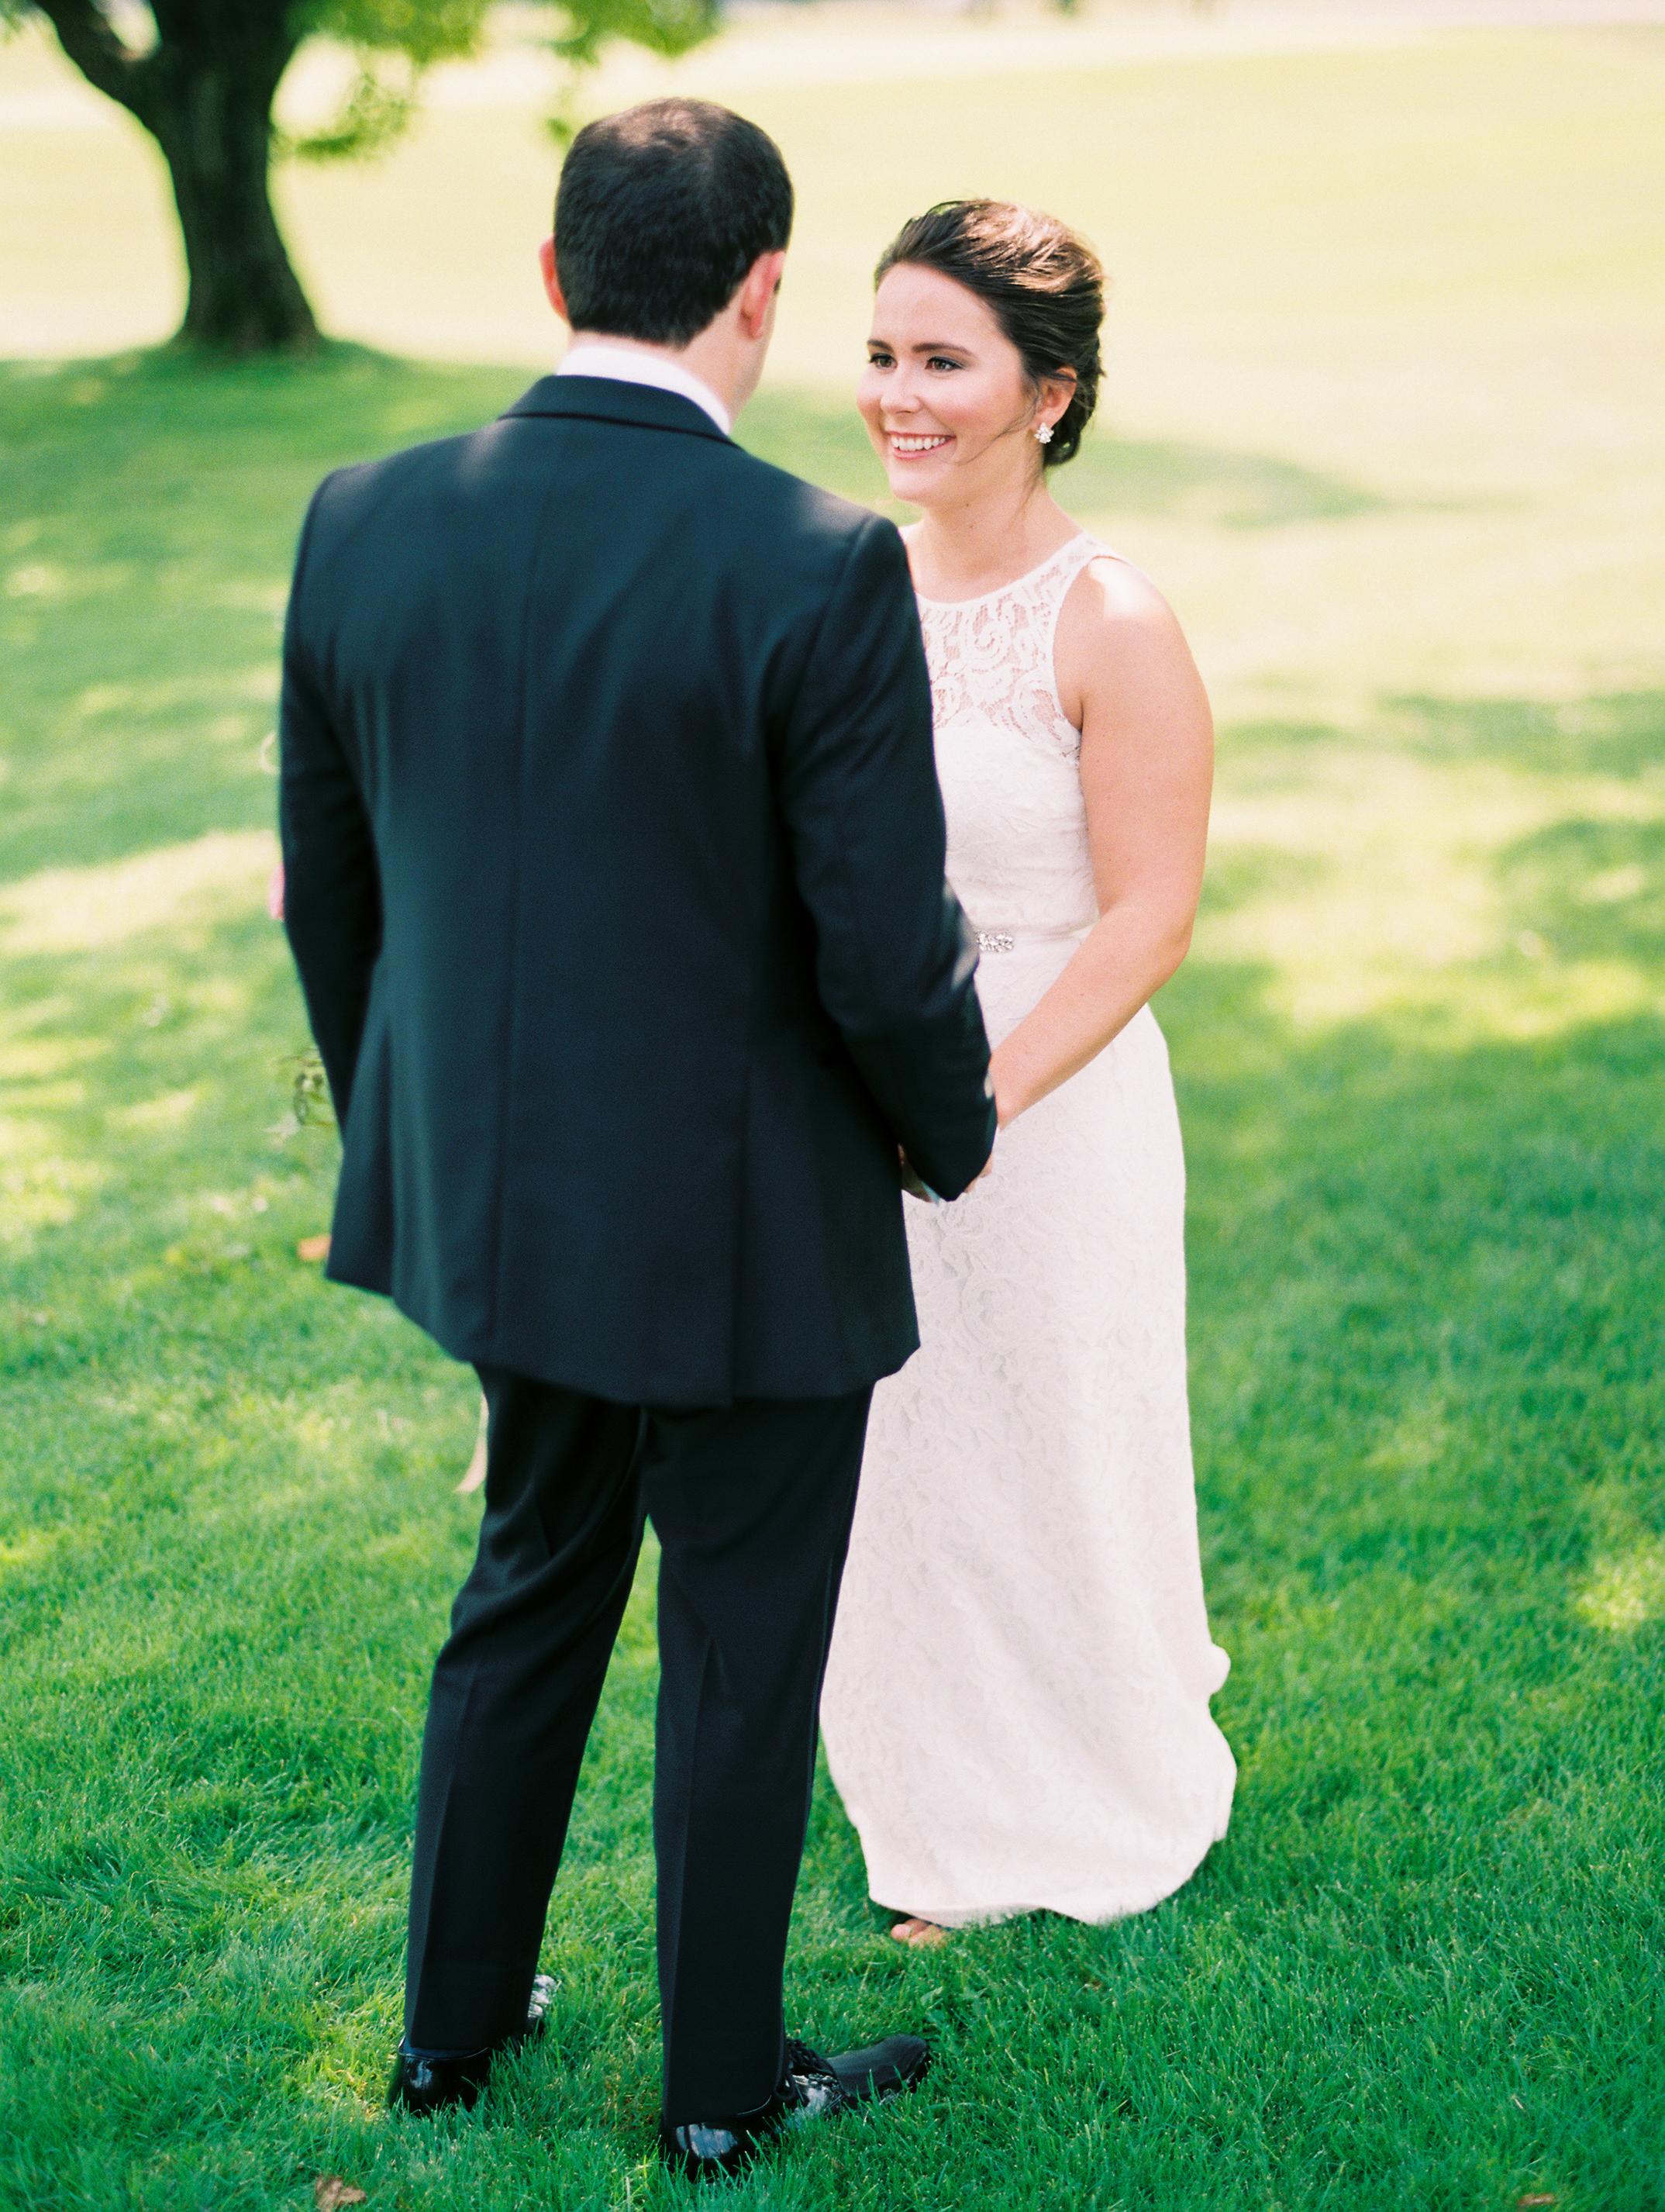 Zoller+Wedding+First+Look-43.jpg